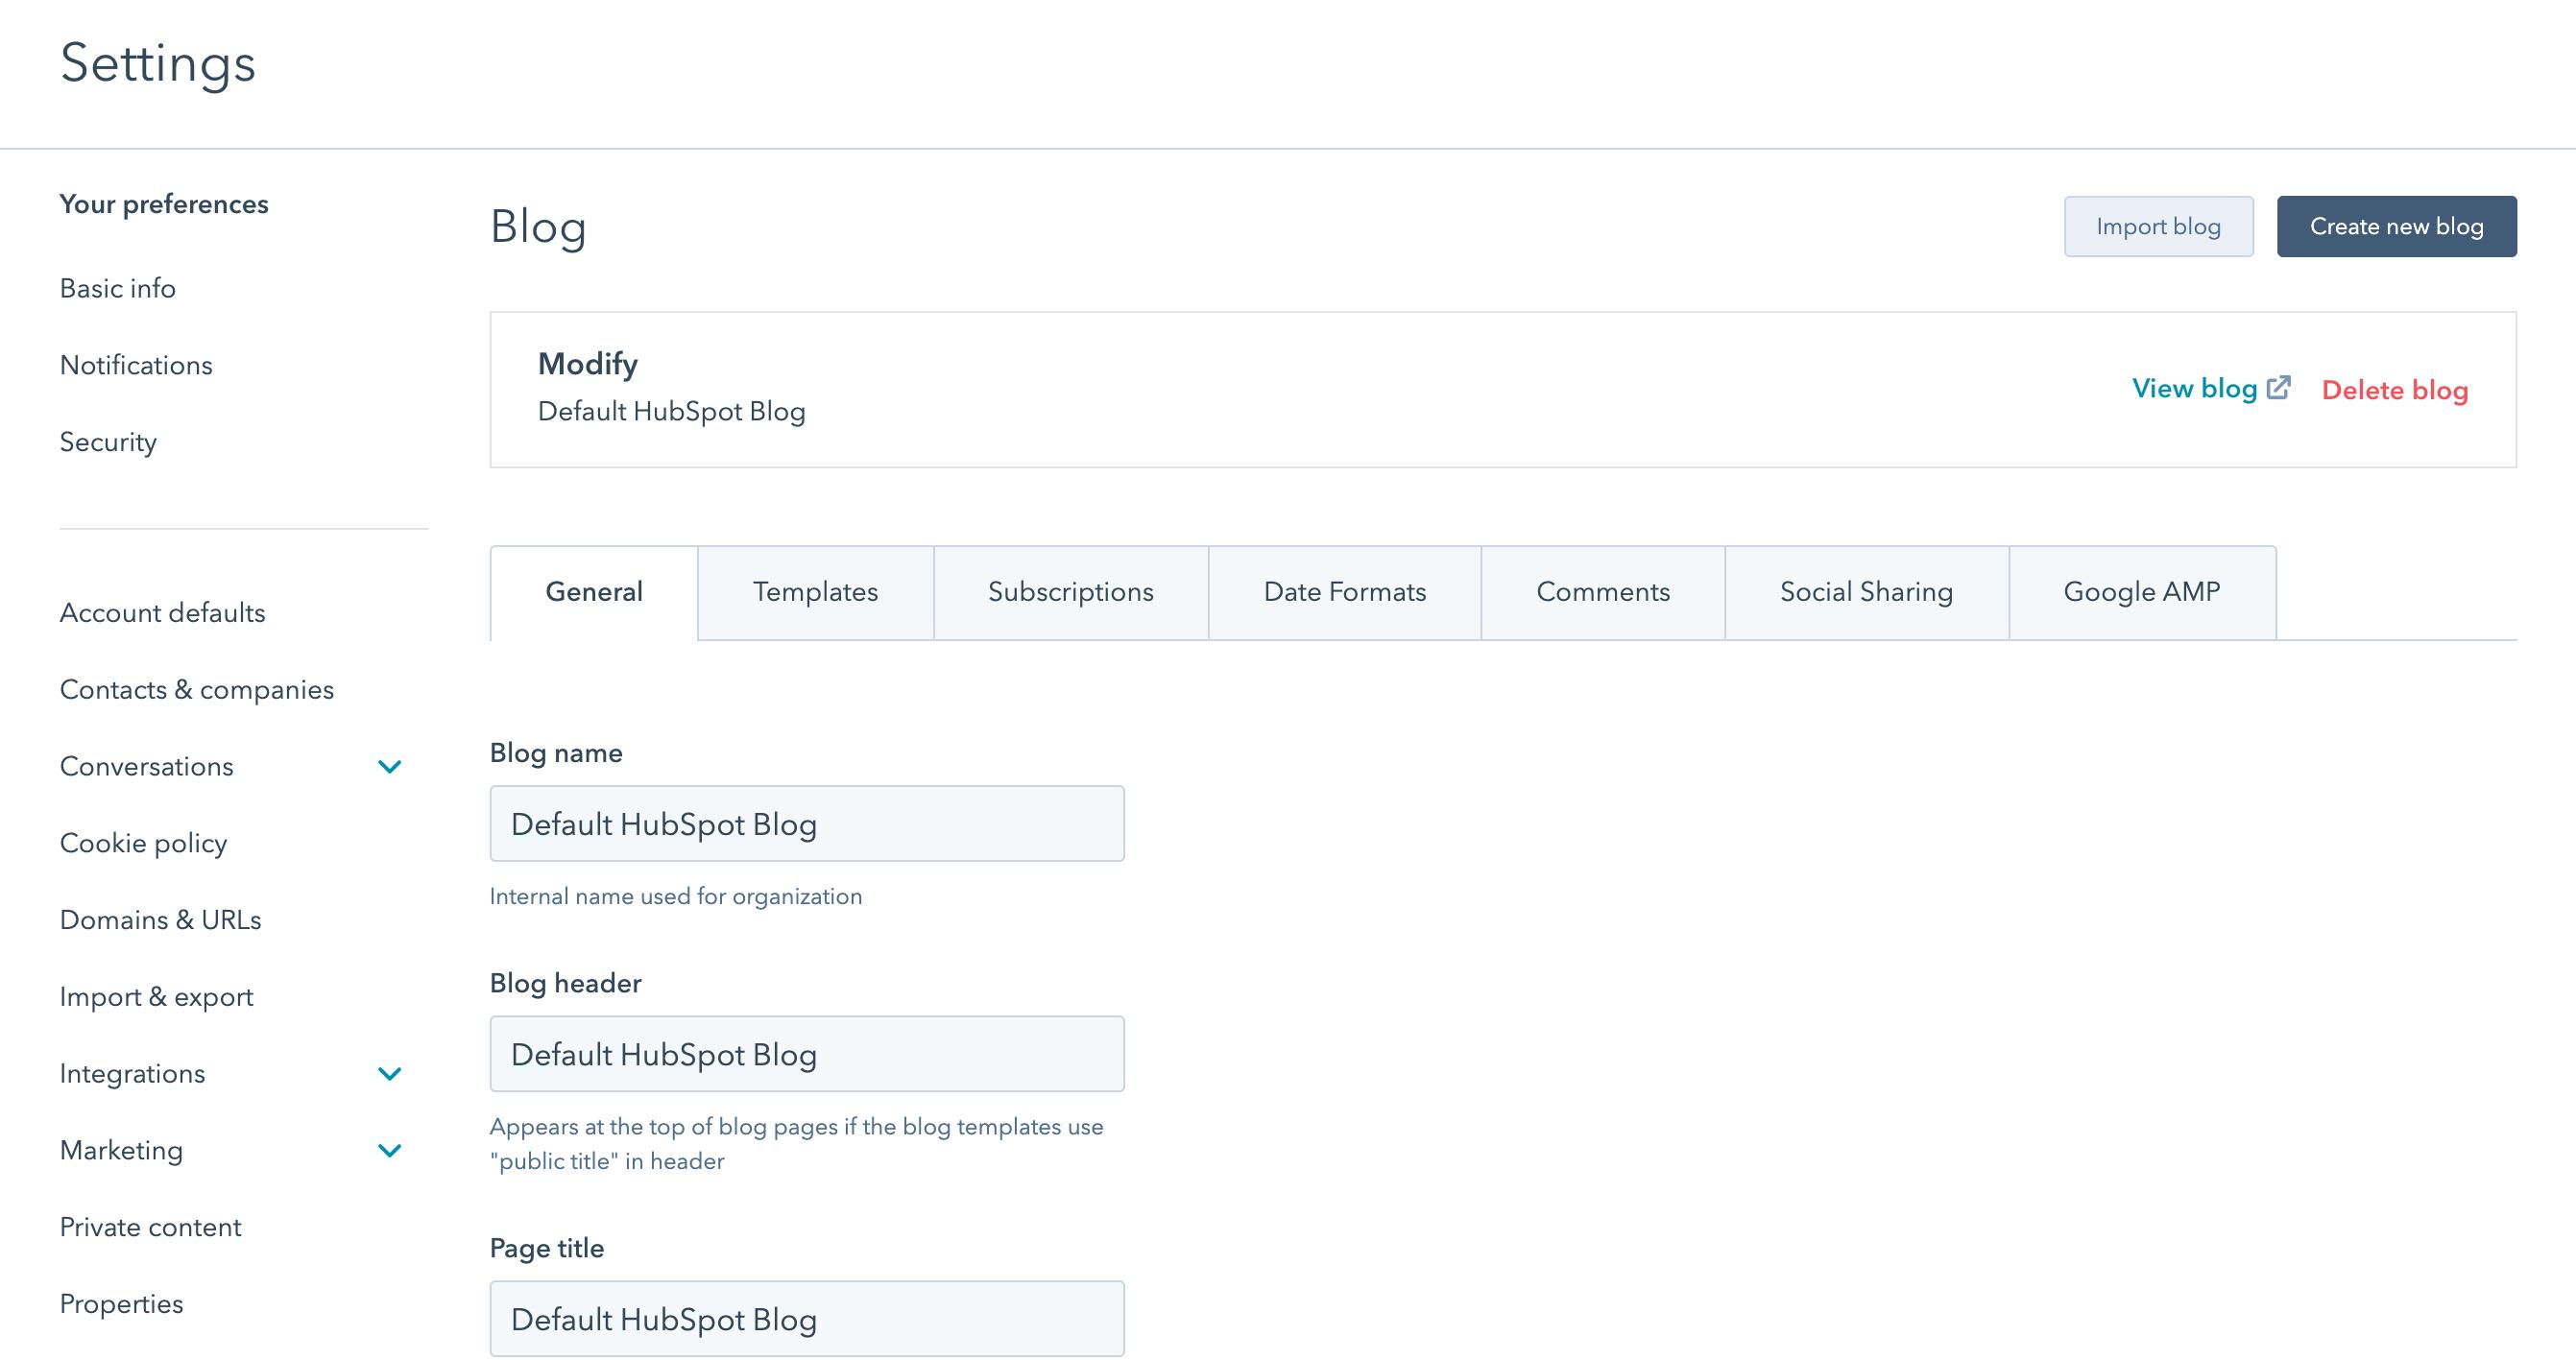 Blog settings screen